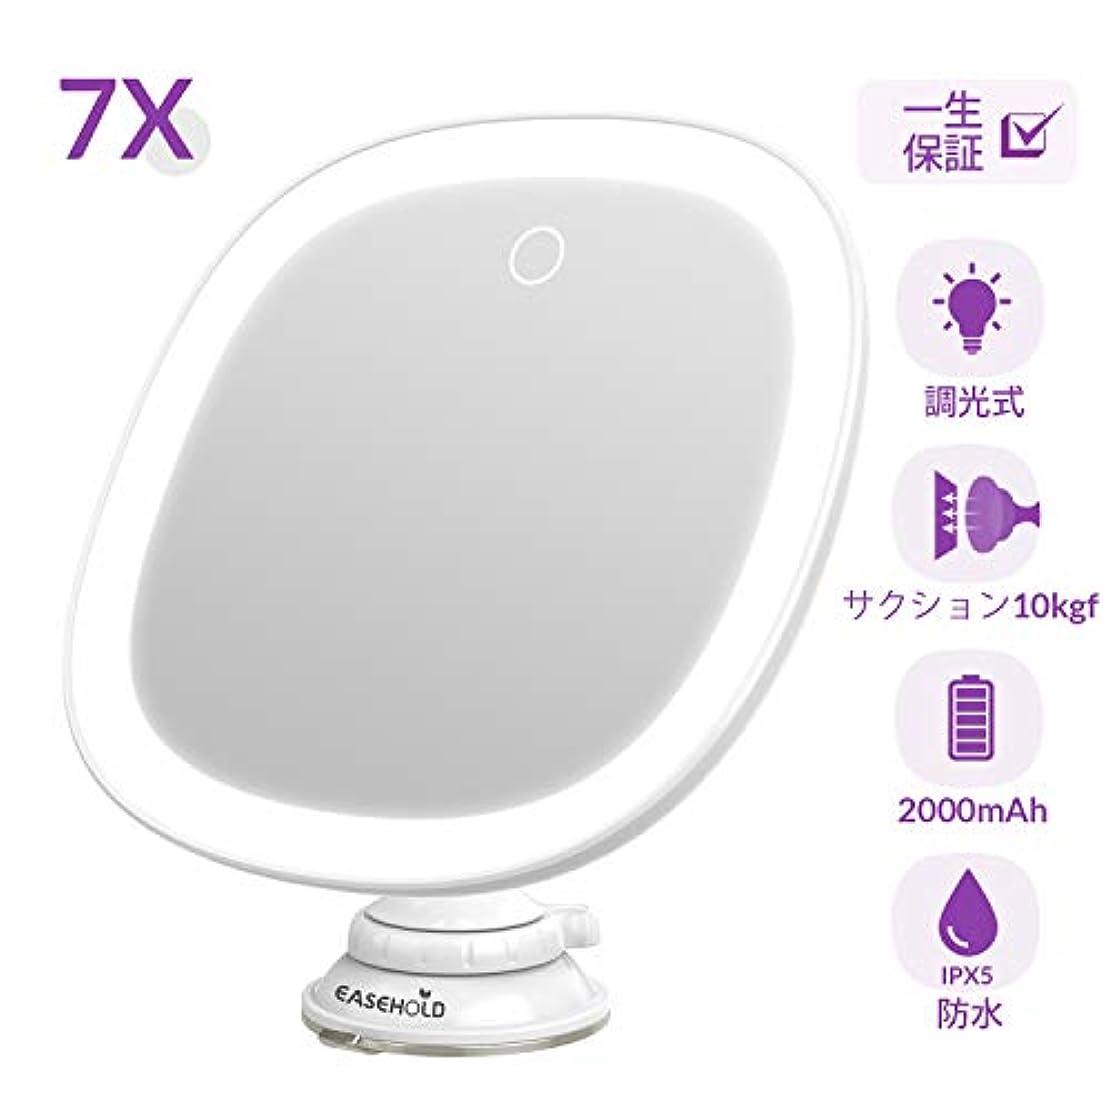 フォーマット未満アナウンサーEasehold 7倍拡大鏡 LED化粧鏡 浴室鏡 卓上鏡 吸盤ロック付きLEDミラー 壁掛けメイクミラー 360度回転スタンドミラー 明るさ調節可能 USB充電 IPX5防水